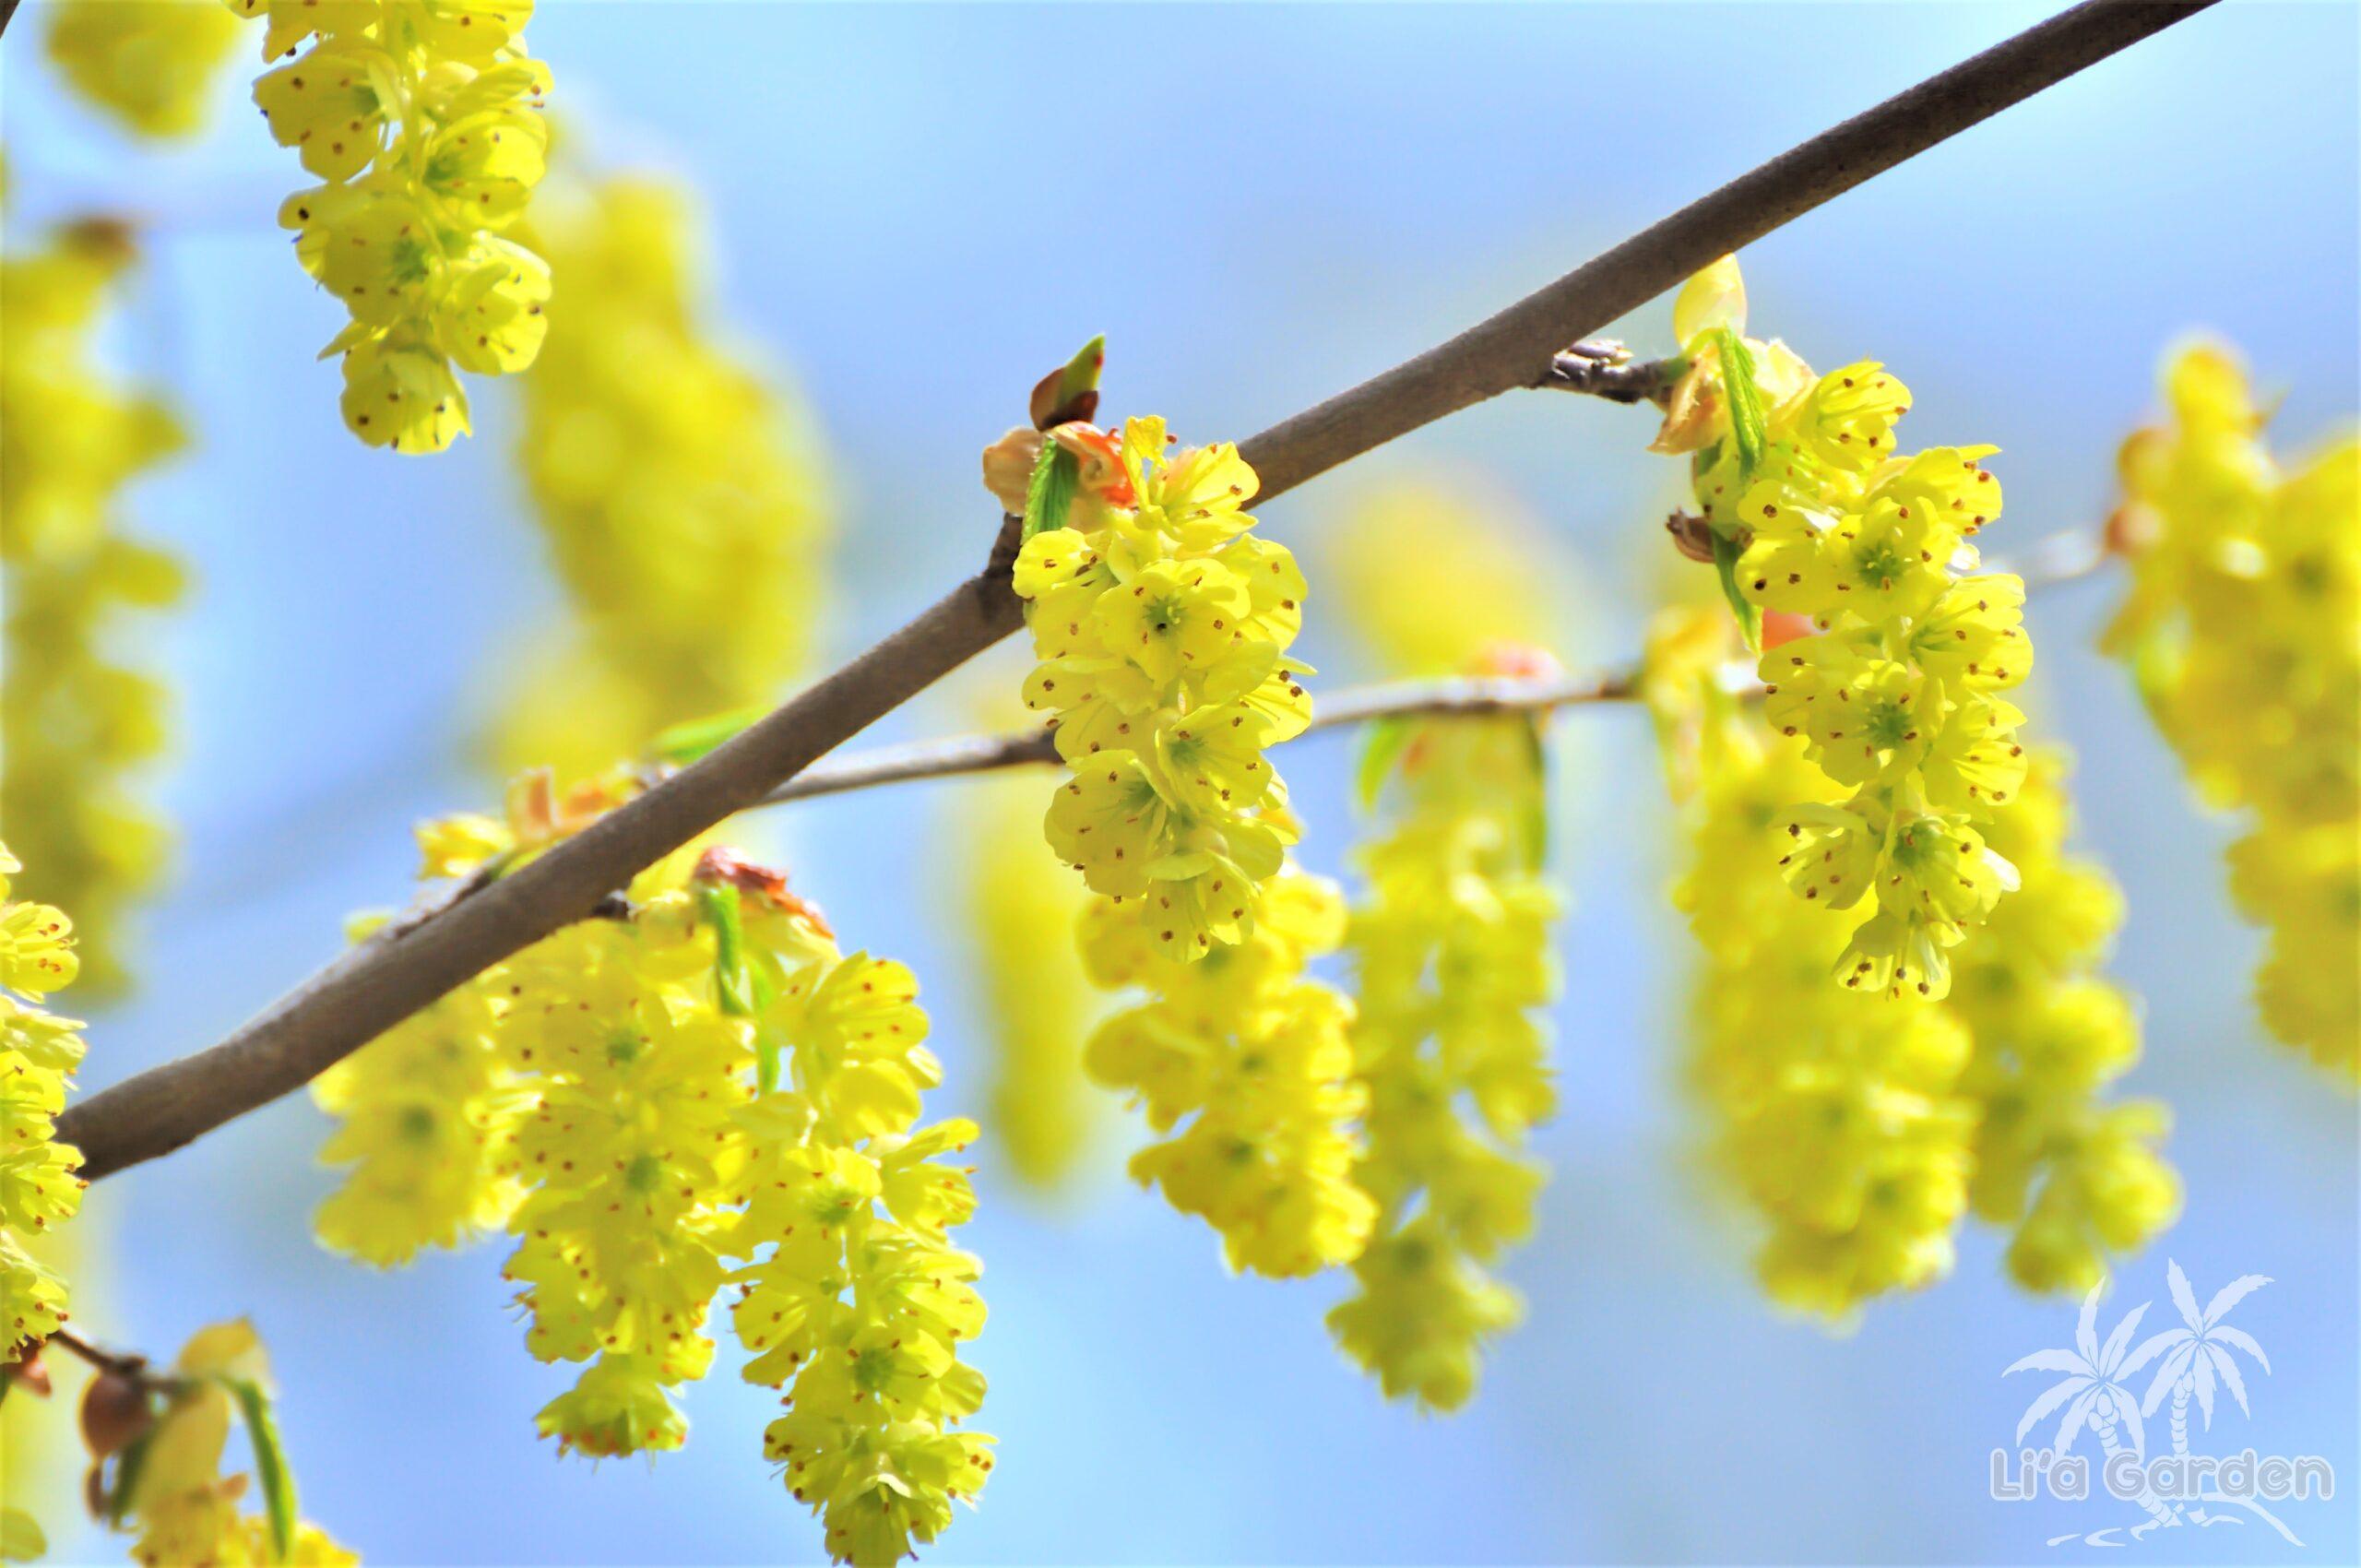 【中木】 トサミズキ Corylopsis spicata 〈落葉広葉樹〉